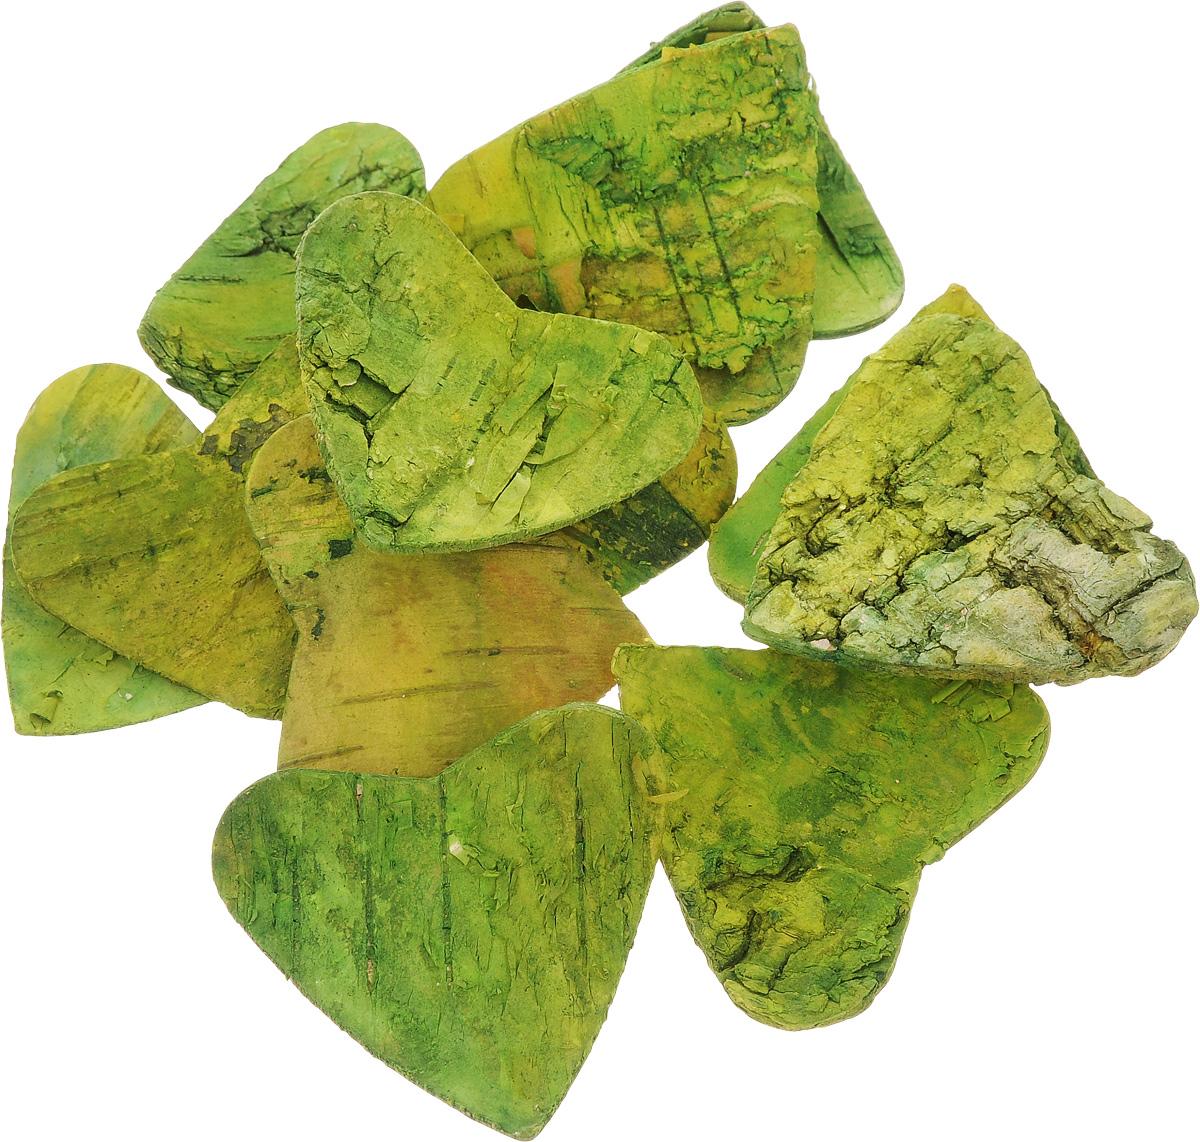 Декоративный элемент Dongjiang Art Сердце, цвет: зеленый, 10 шт7709011_зеленыйДекоративный элемент Dongjiang Art Сердце, изготовленный из натуральной коры дерева, предназначен для украшения цветочных композиций. Изделие можно также использовать в технике скрапбукинг и многом другом. Флористика - вид декоративно-прикладного искусства, который использует живые, засушенные или консервированные природные материалы для создания флористических работ. Это целый мир, в котором есть место и строгому математическому расчету, и вдохновению. Размеры одного элемента: 5 х 5 см.